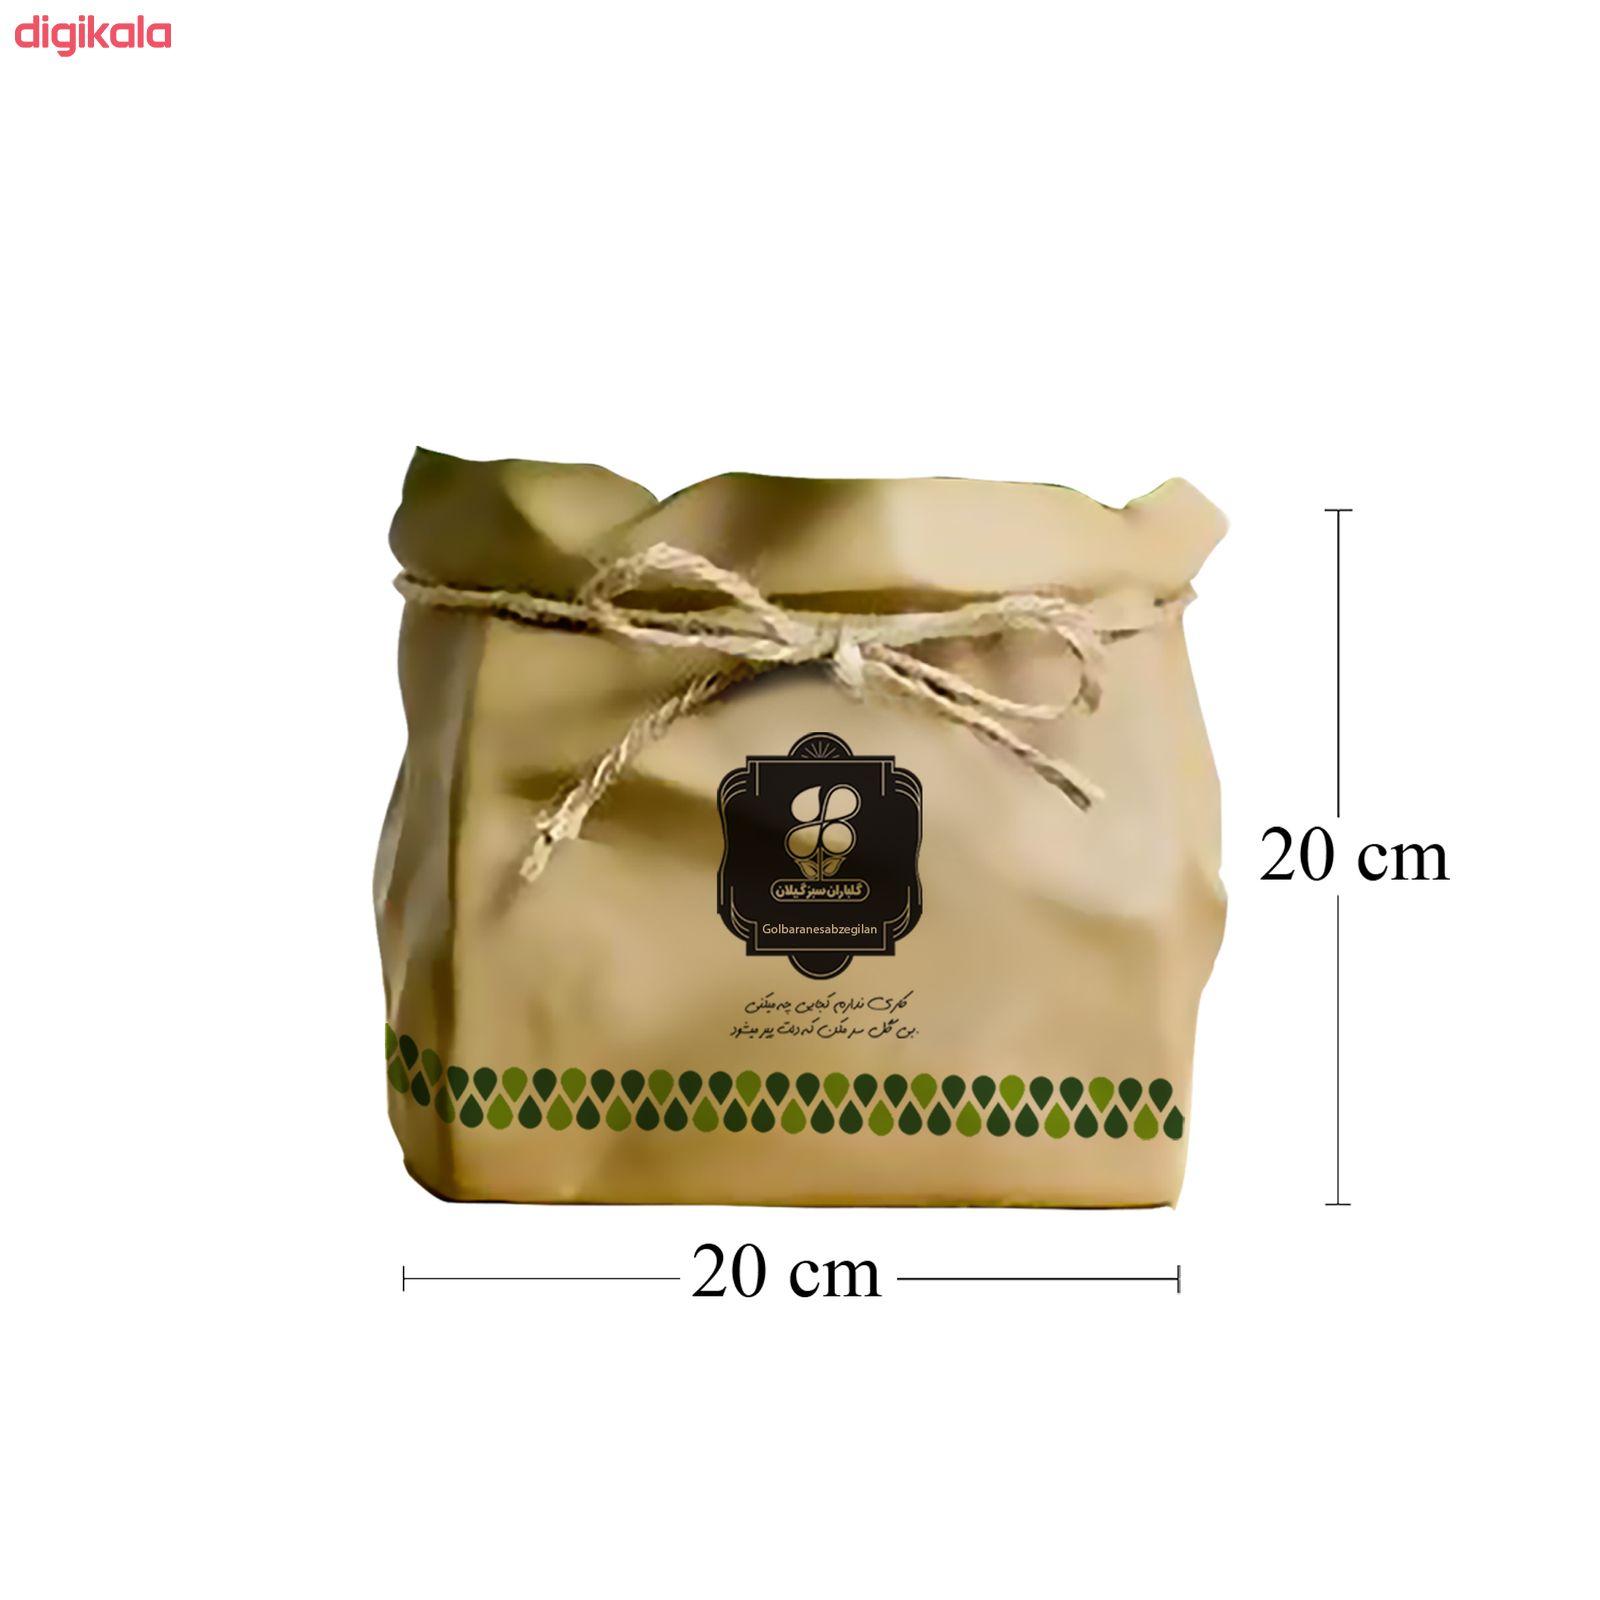 گیاه طبیعی افوربیا گل صورتی گلباران سبز گیلان مدل GN13-25K main 1 1